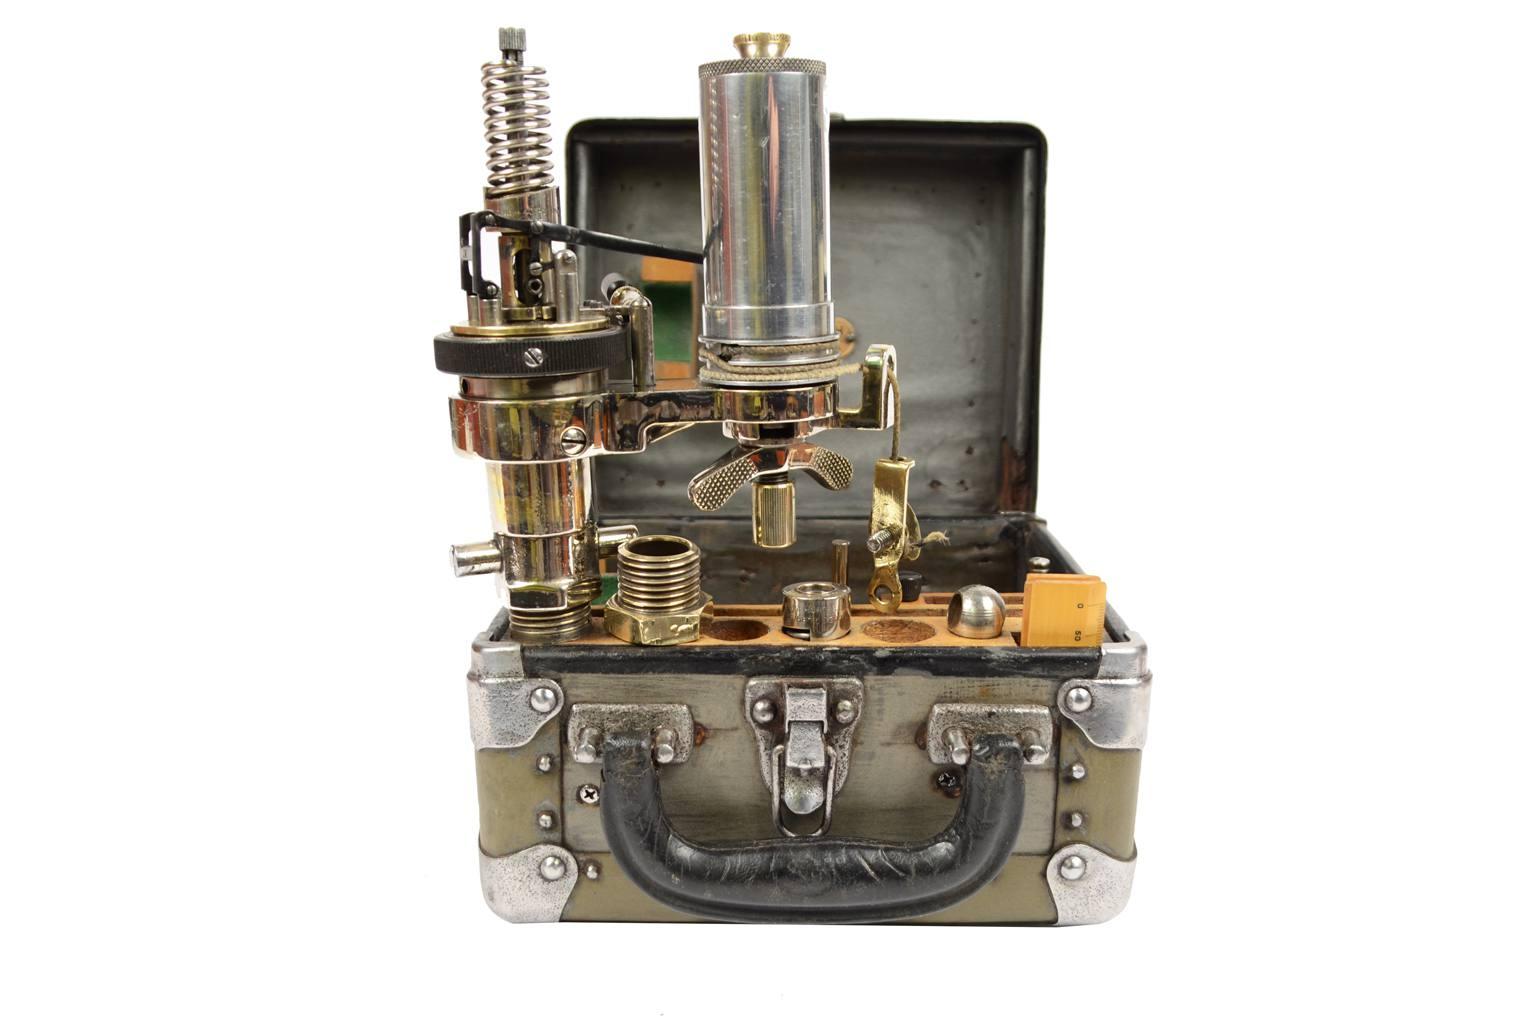 Strumenti di misura antichi/6519-Micromanometro epoca